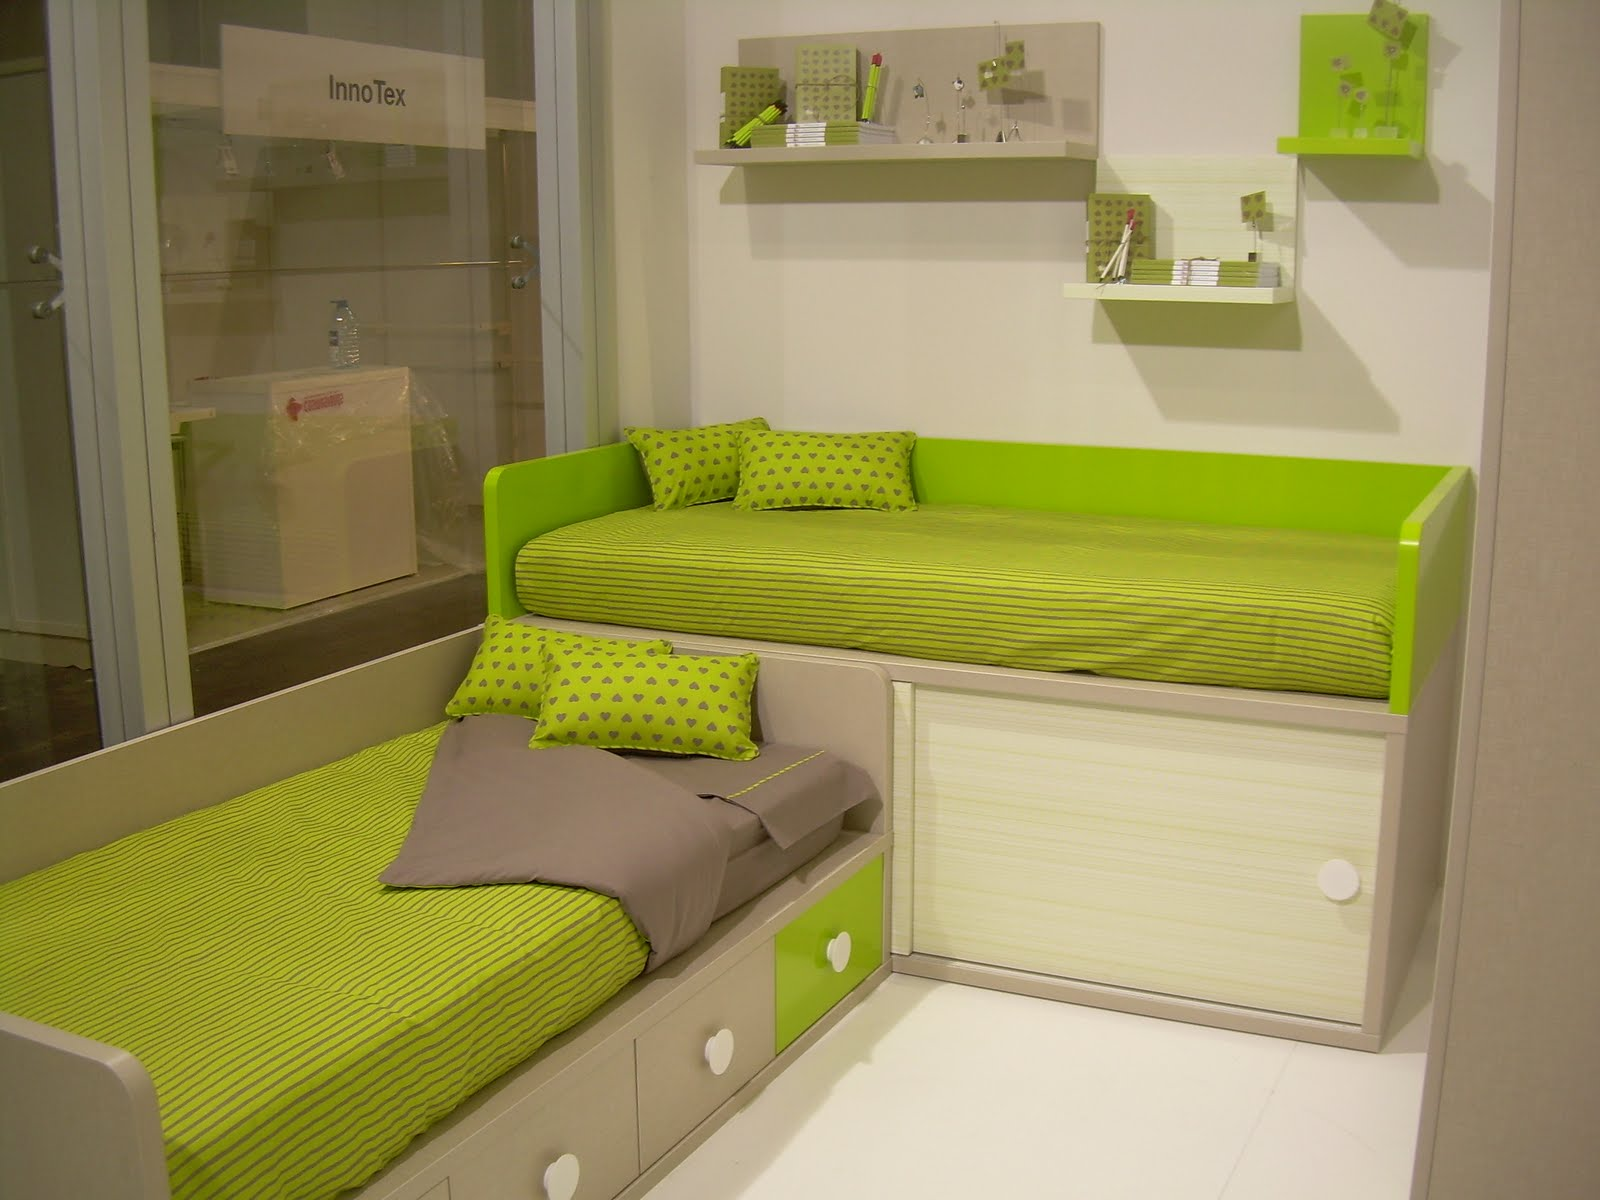 Camas bajas y camas infantiles for Muebles infantiles camas